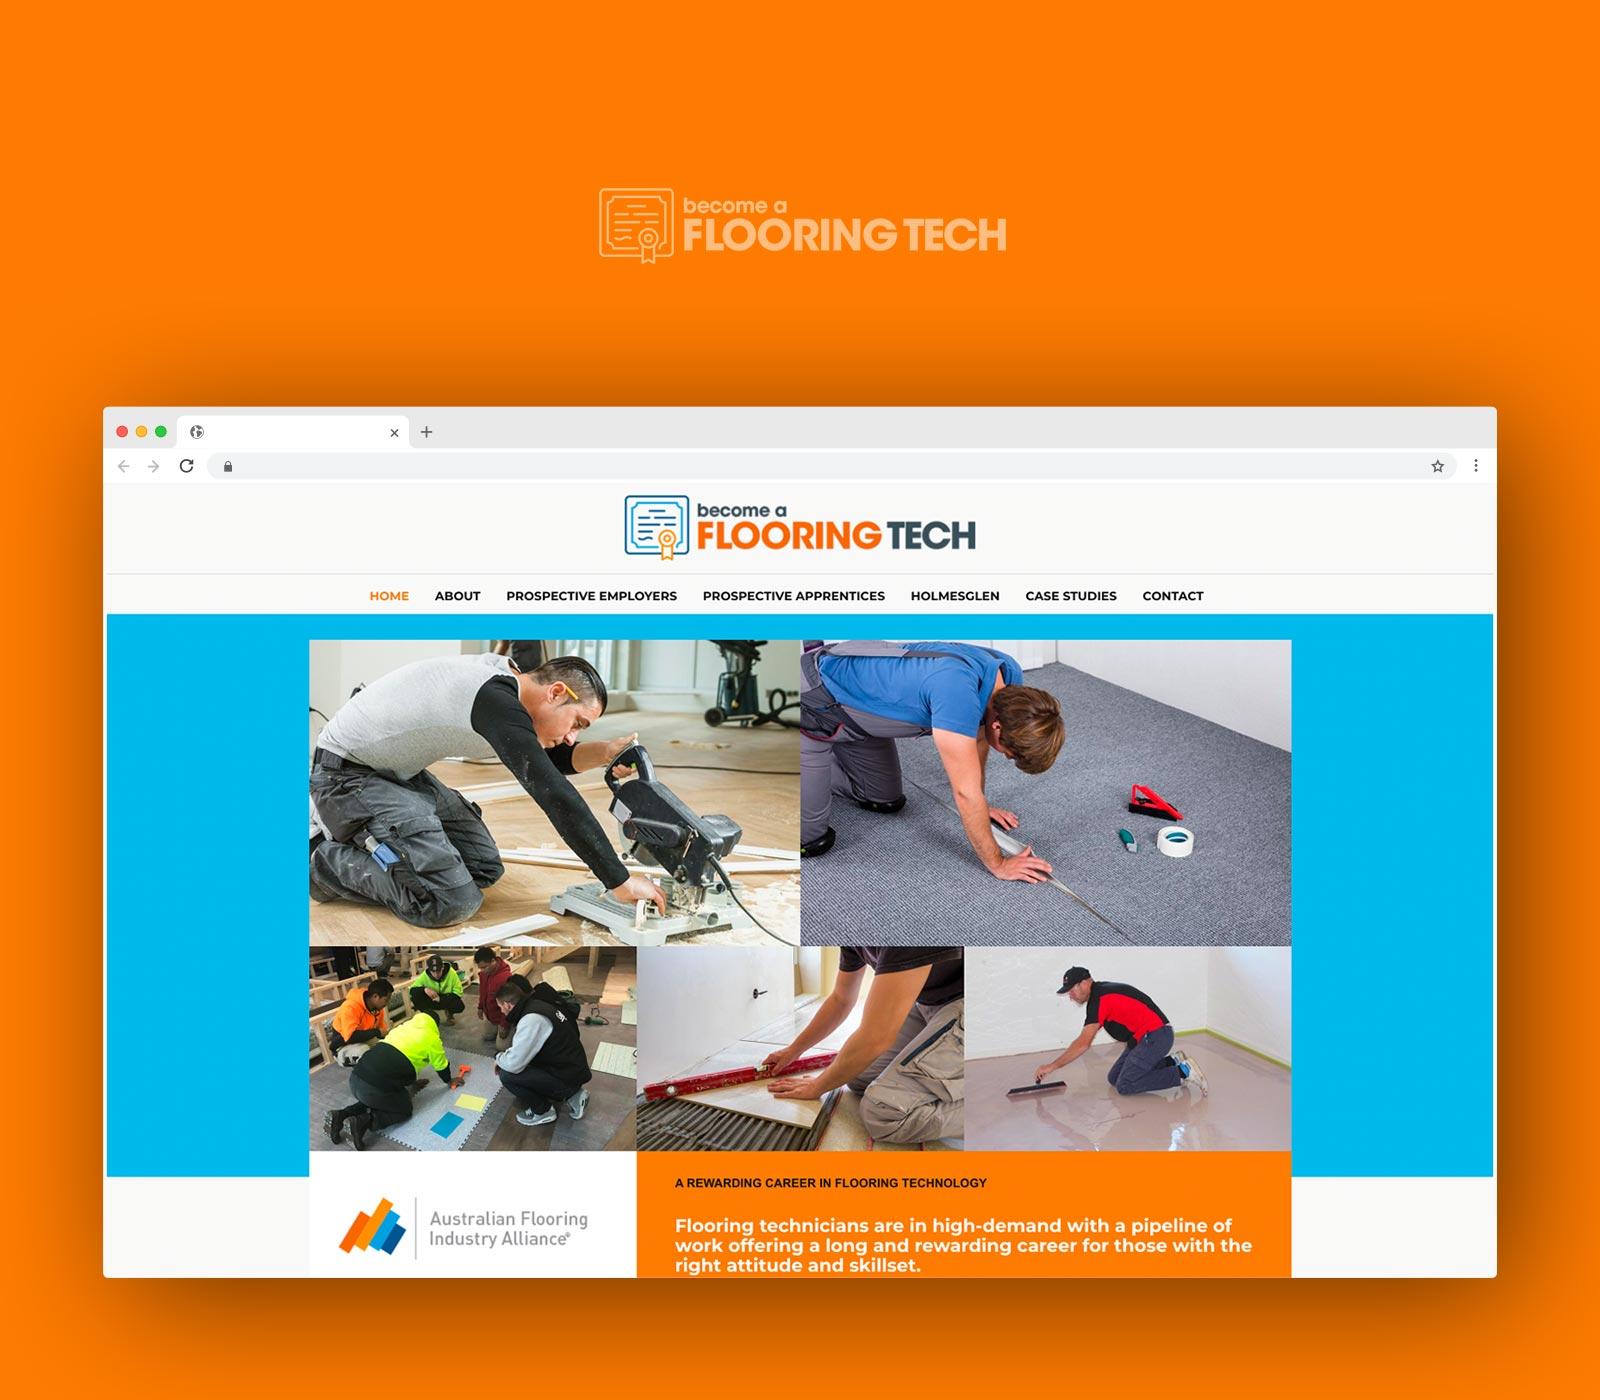 Become a Flooring Tech: Education Facilitators